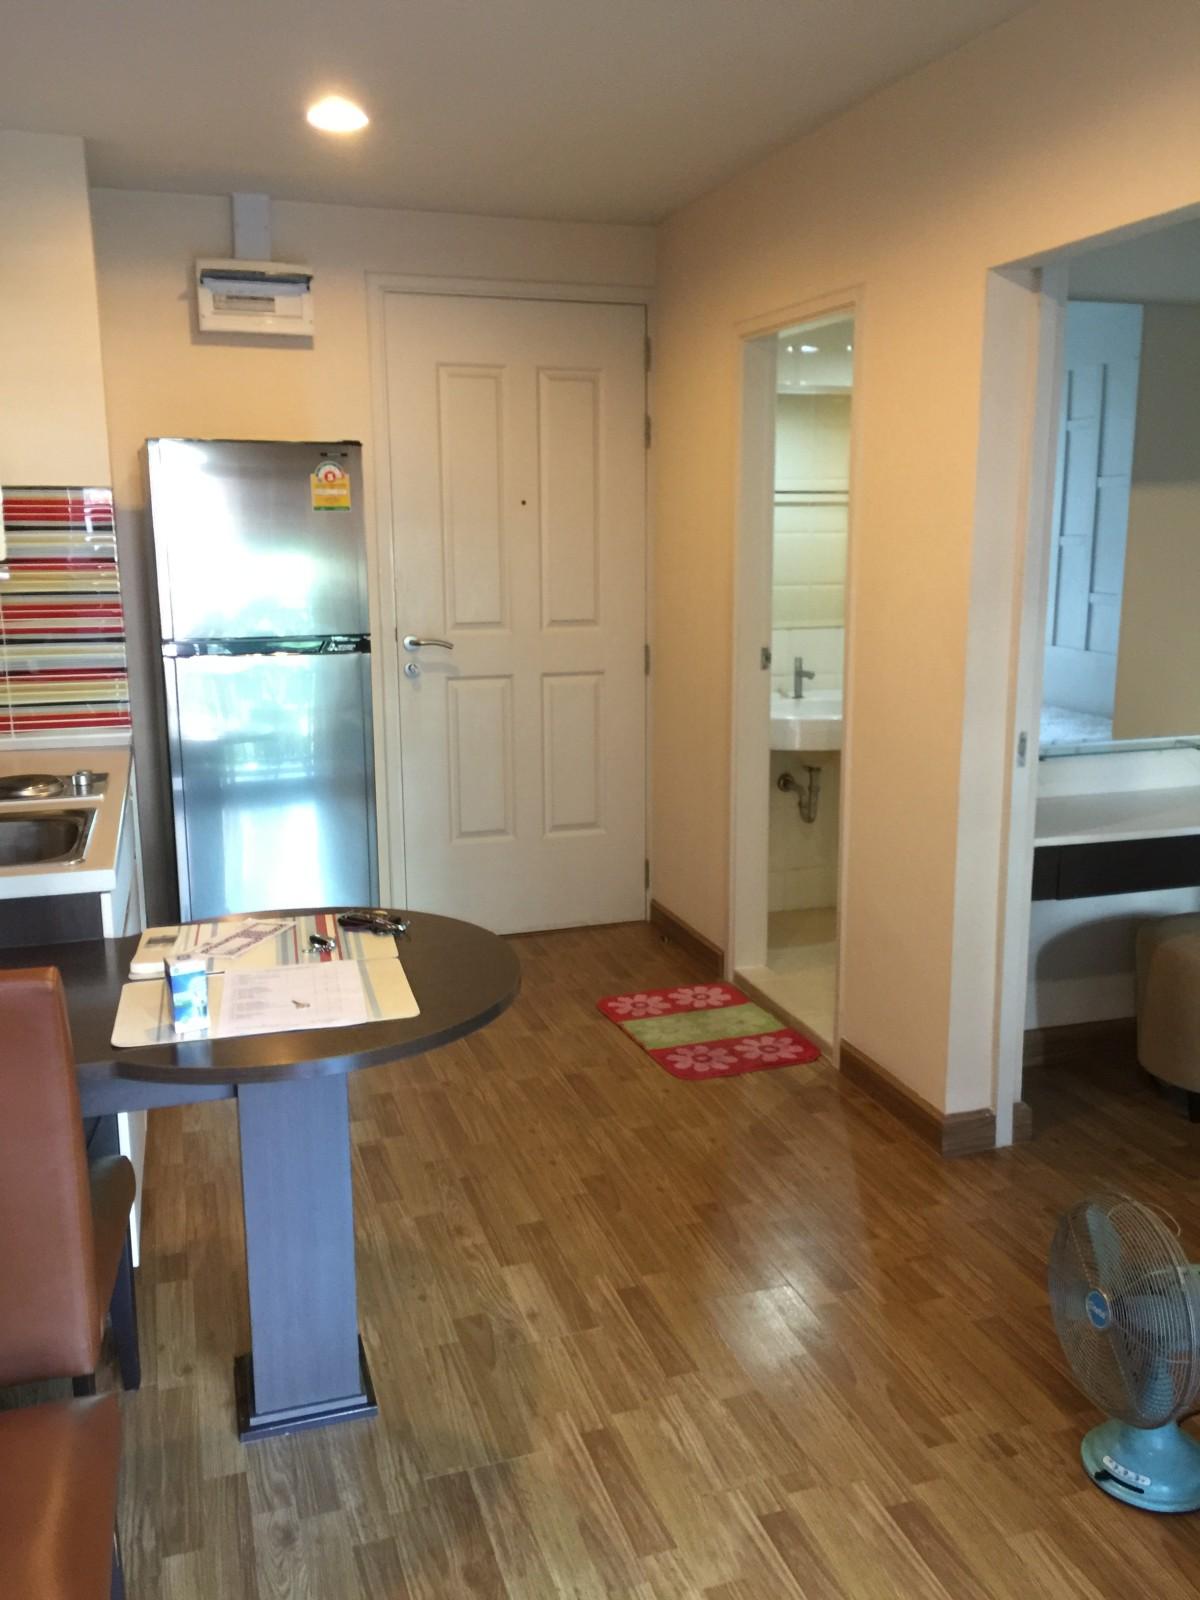 ประกาศขายคอนโดบ้านนวธารา ซอยประเสริฐมนูกิจ 33 1 ห้องนอน ชั้น 3 ตกแต่งครบ พร้อมอยู่